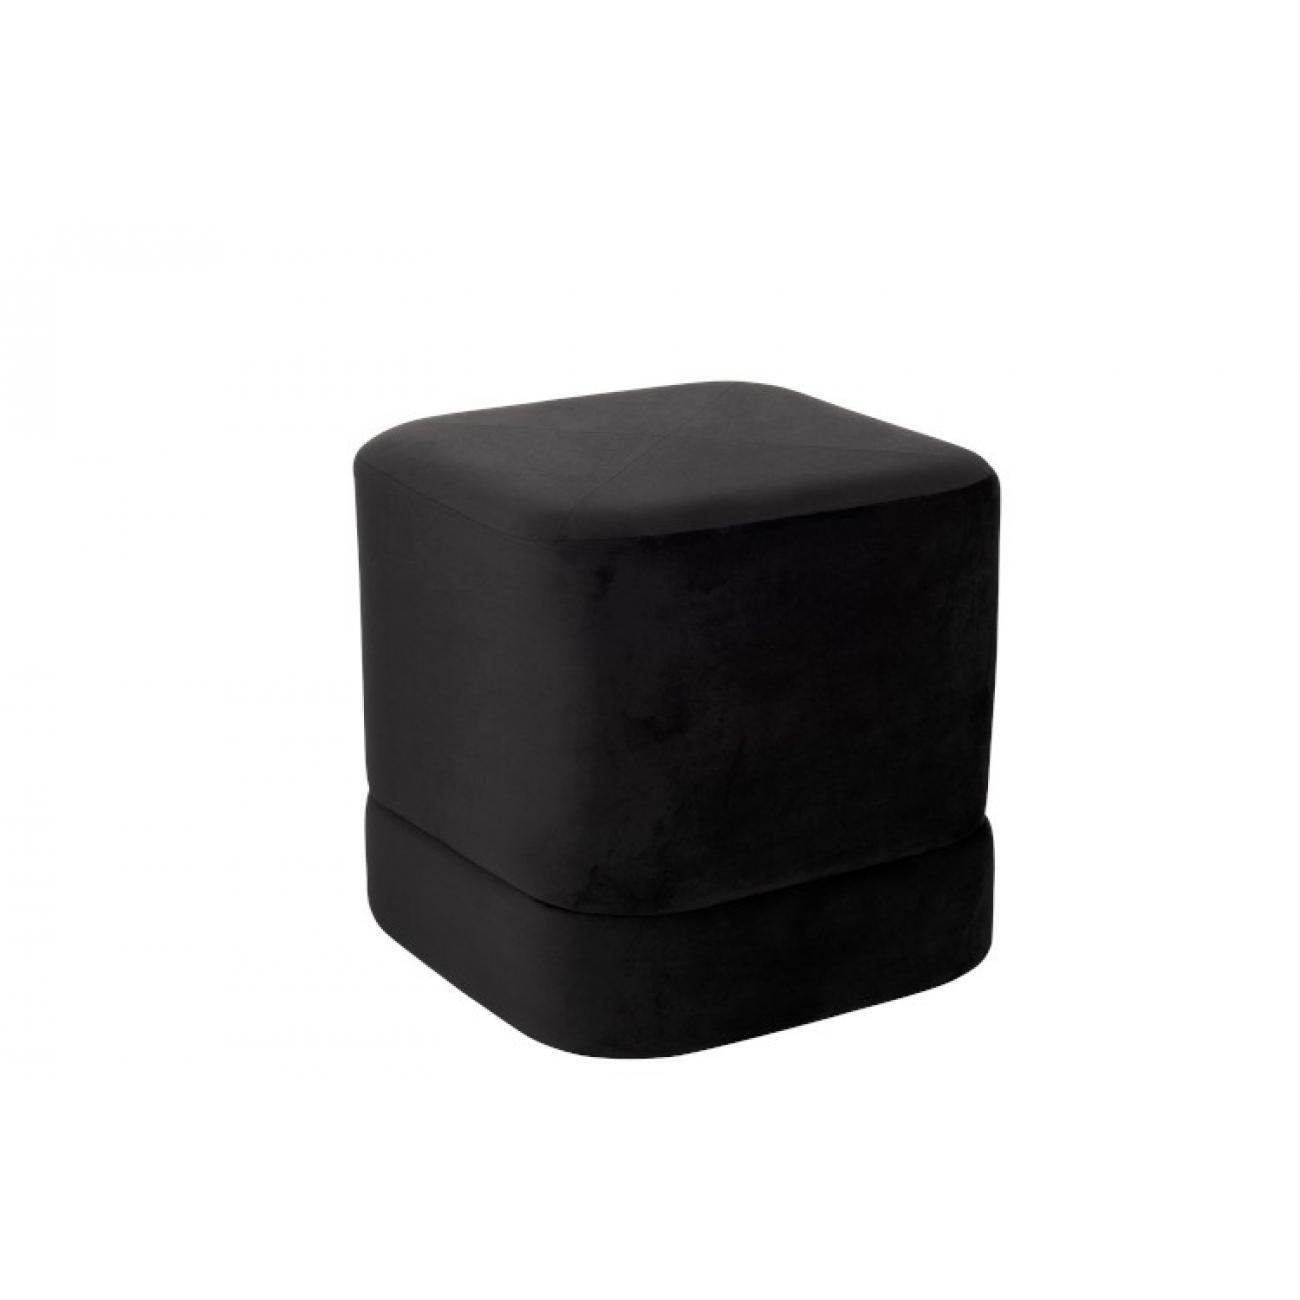 Пуф черный вельветовый  J-LINE 46х46х46 см